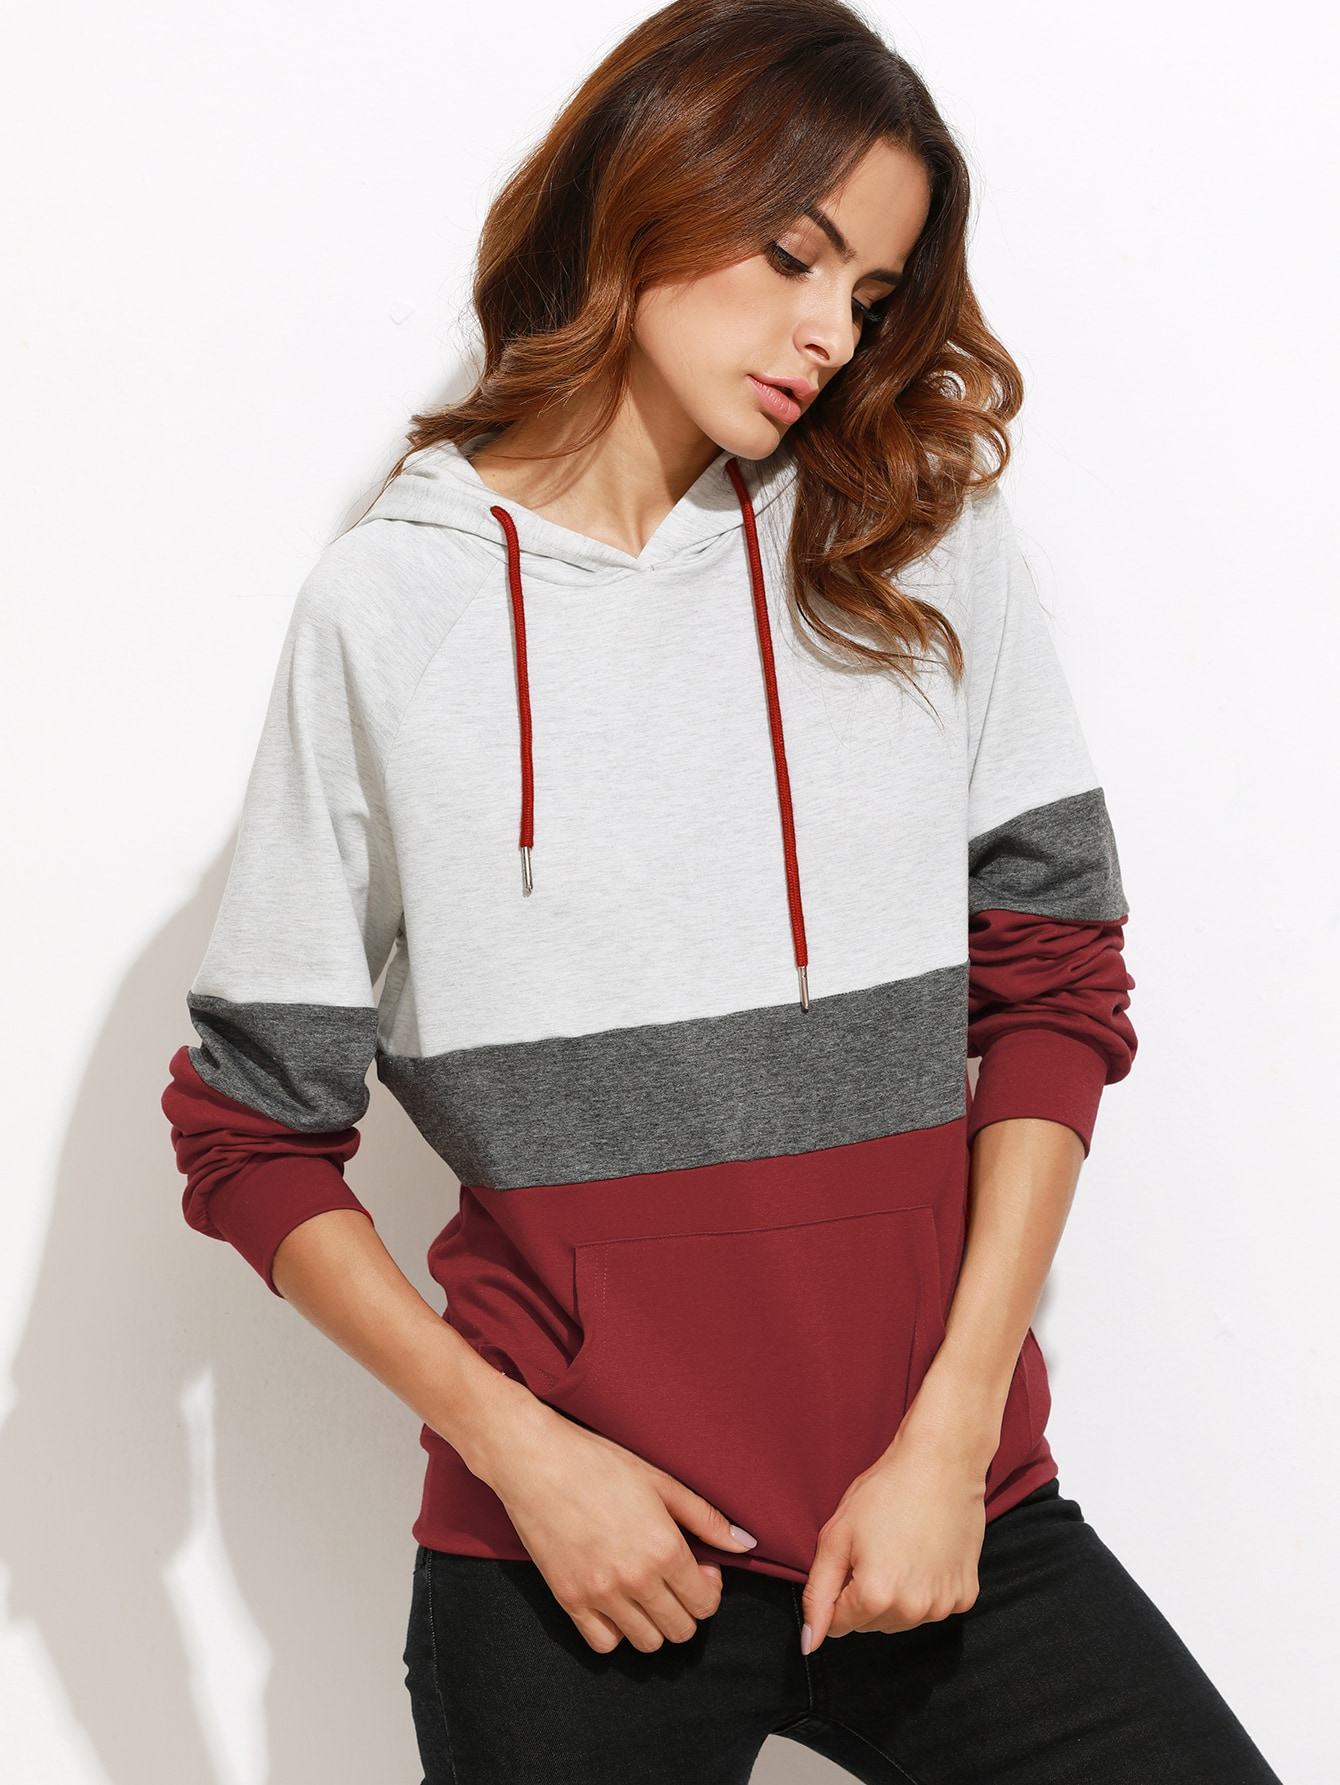 Купить Контрастный модный свитшот с капюшоном, null, SheIn